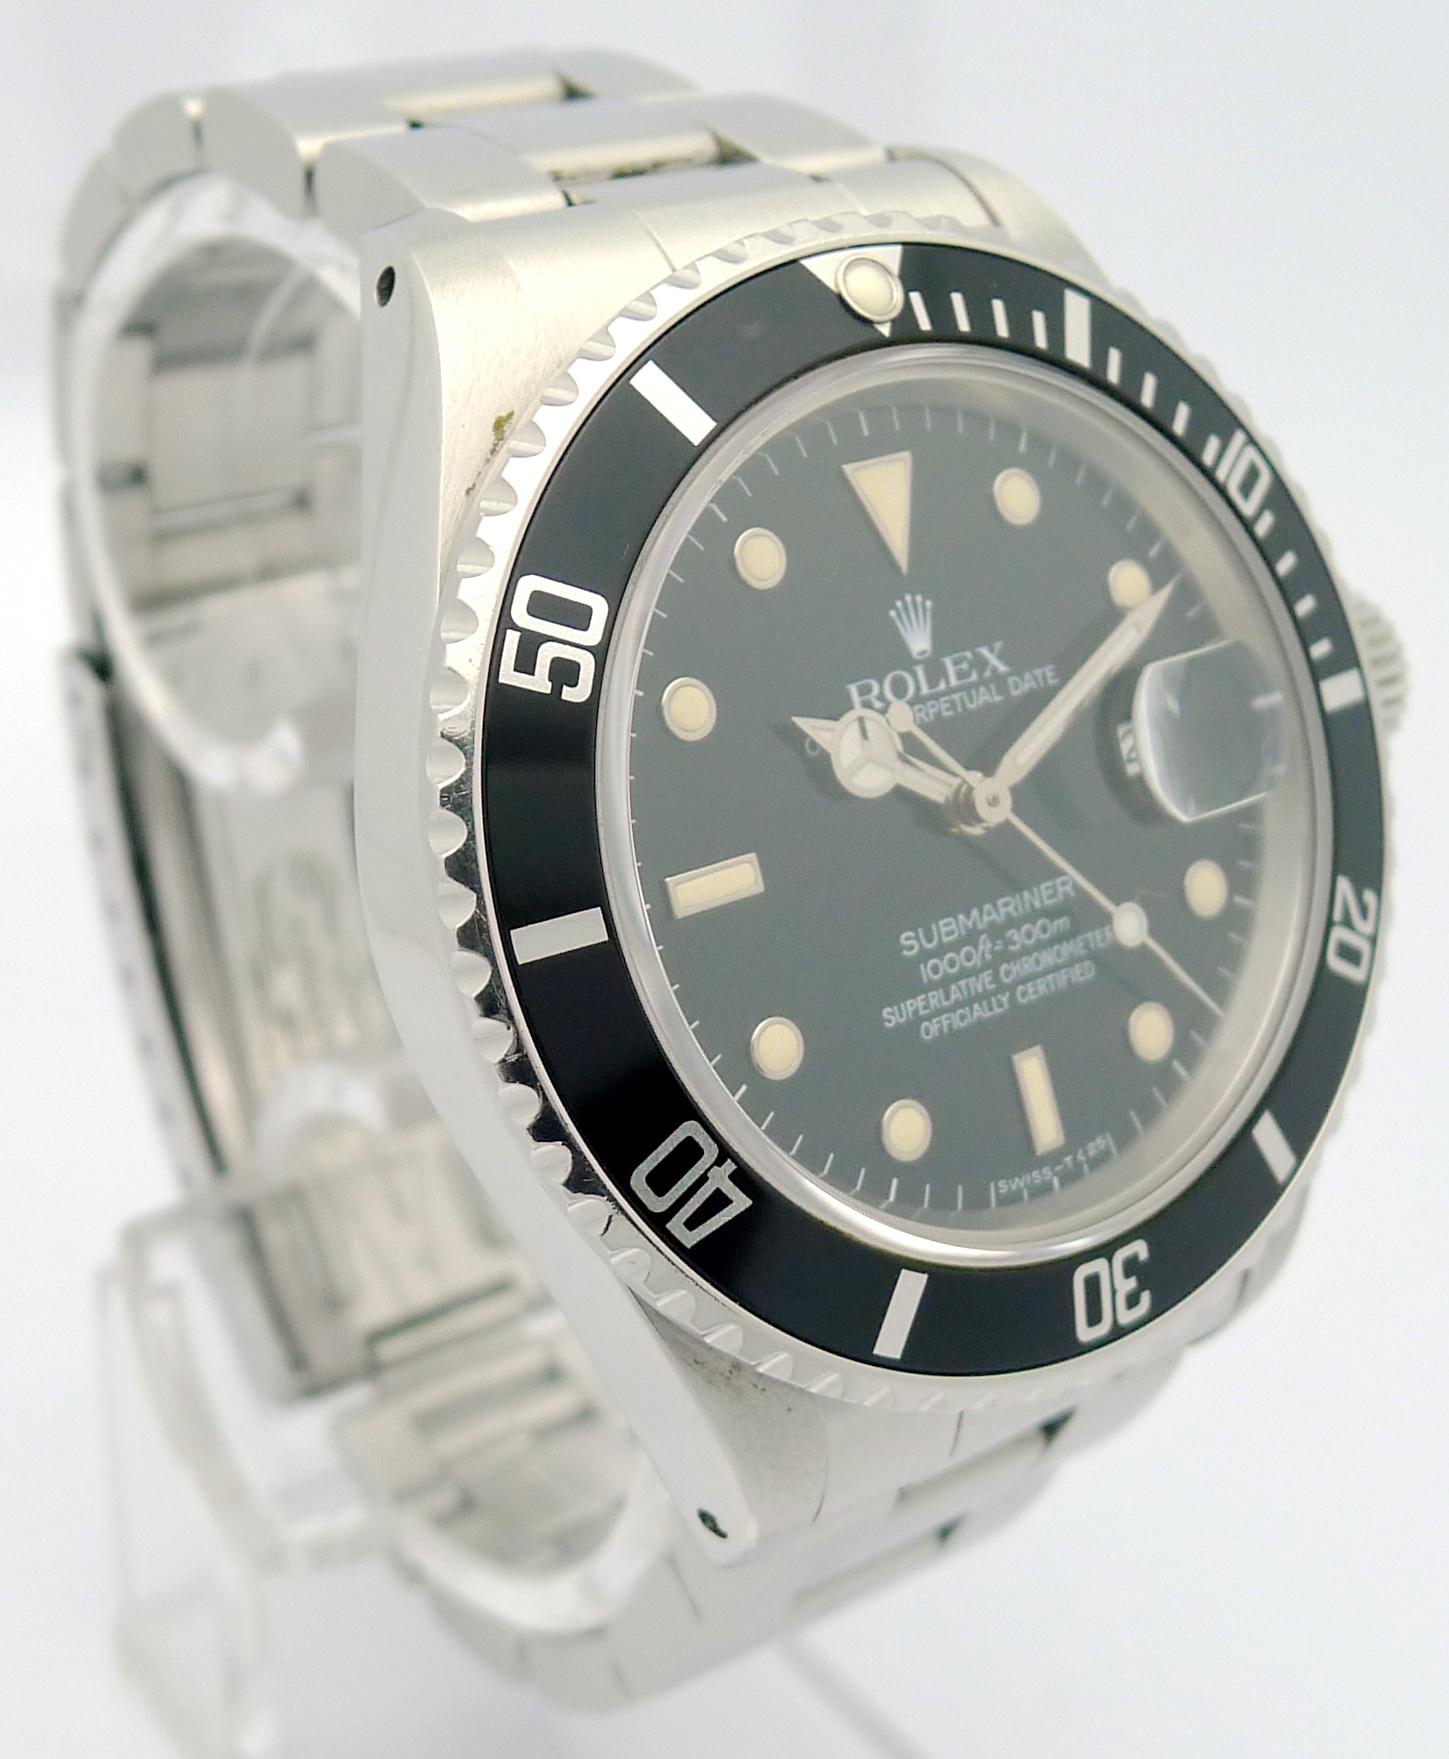 rolex submariner stahl herren armbanduhr ref 16800 von 1985 ebay. Black Bedroom Furniture Sets. Home Design Ideas